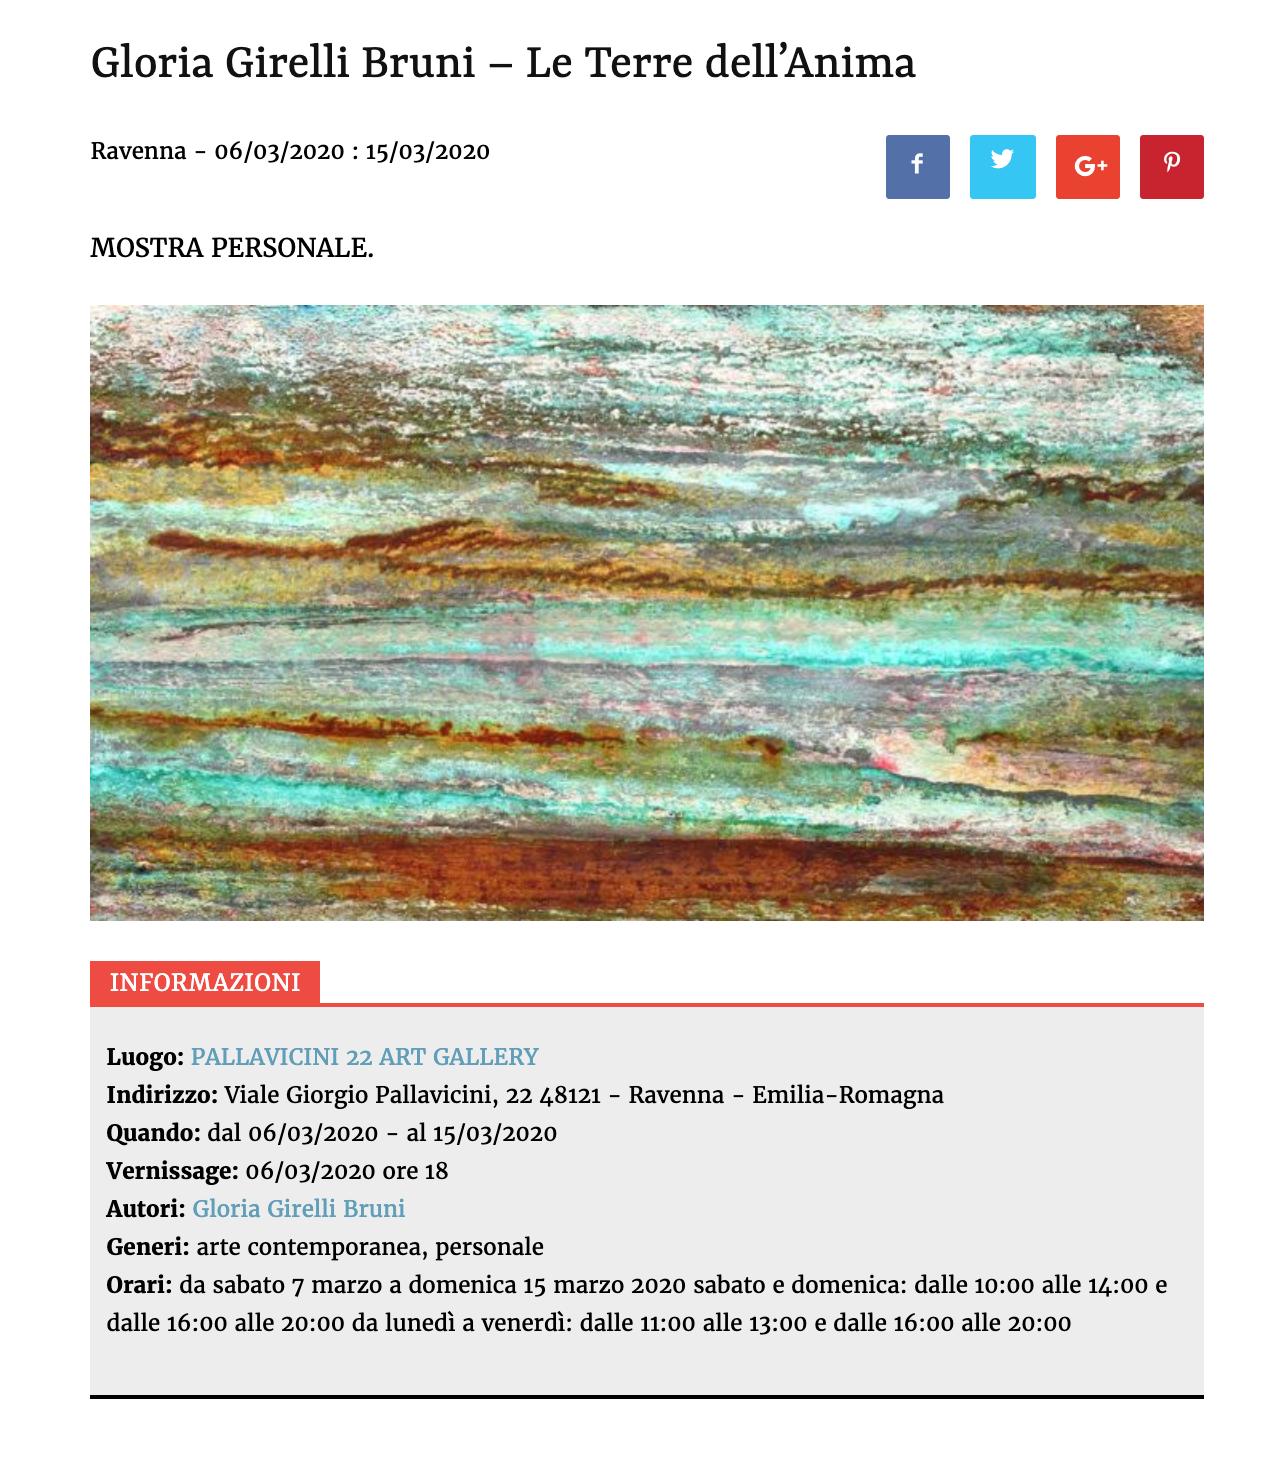 Le Terre dell'Anima di Gloria Girelli Bruni su Artribune | Pallavicini22 spazio espositivo Ravenna